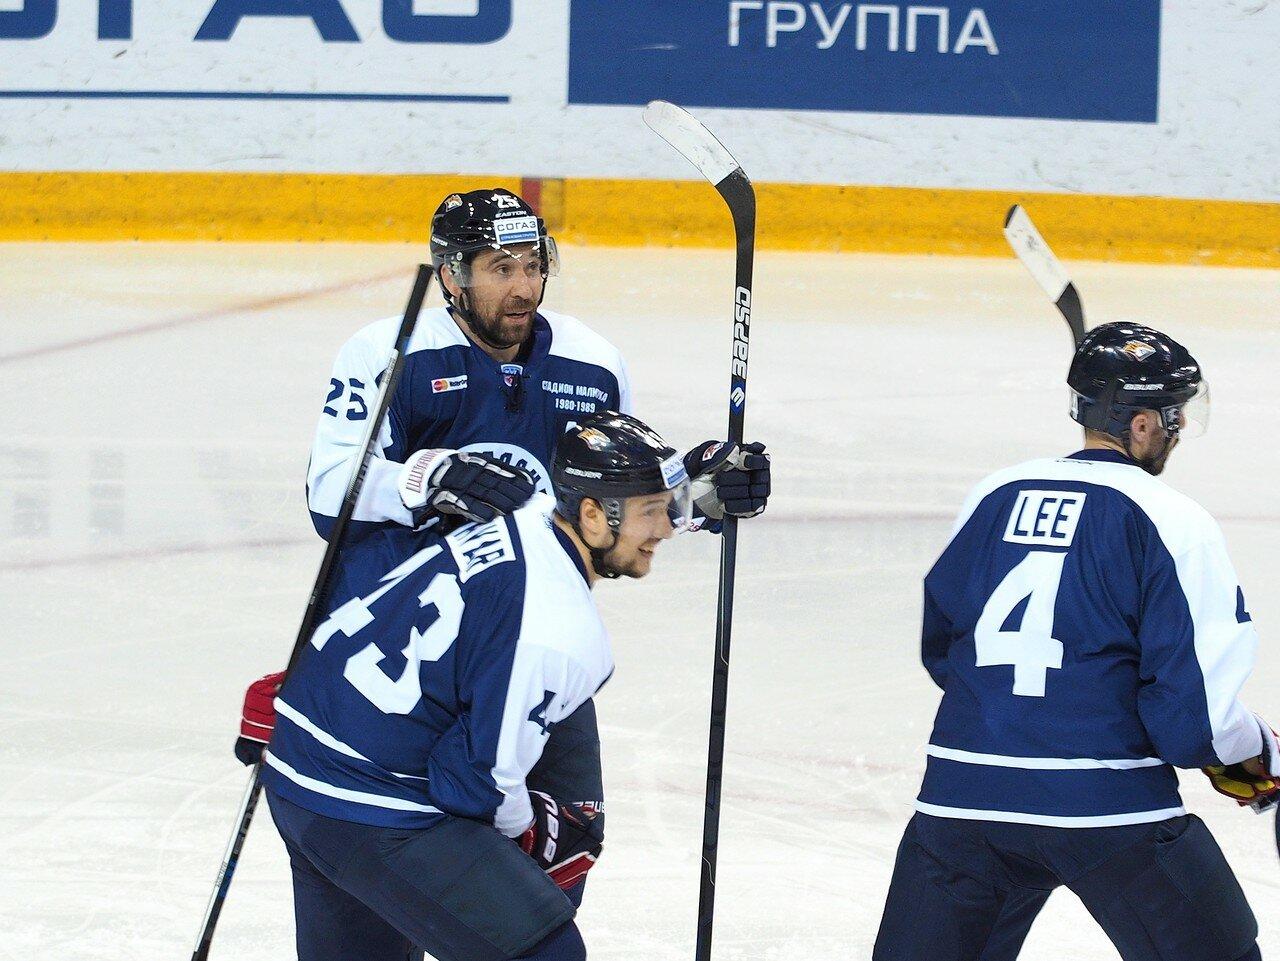 98Металлург - Динамо Москва 28.12.2015